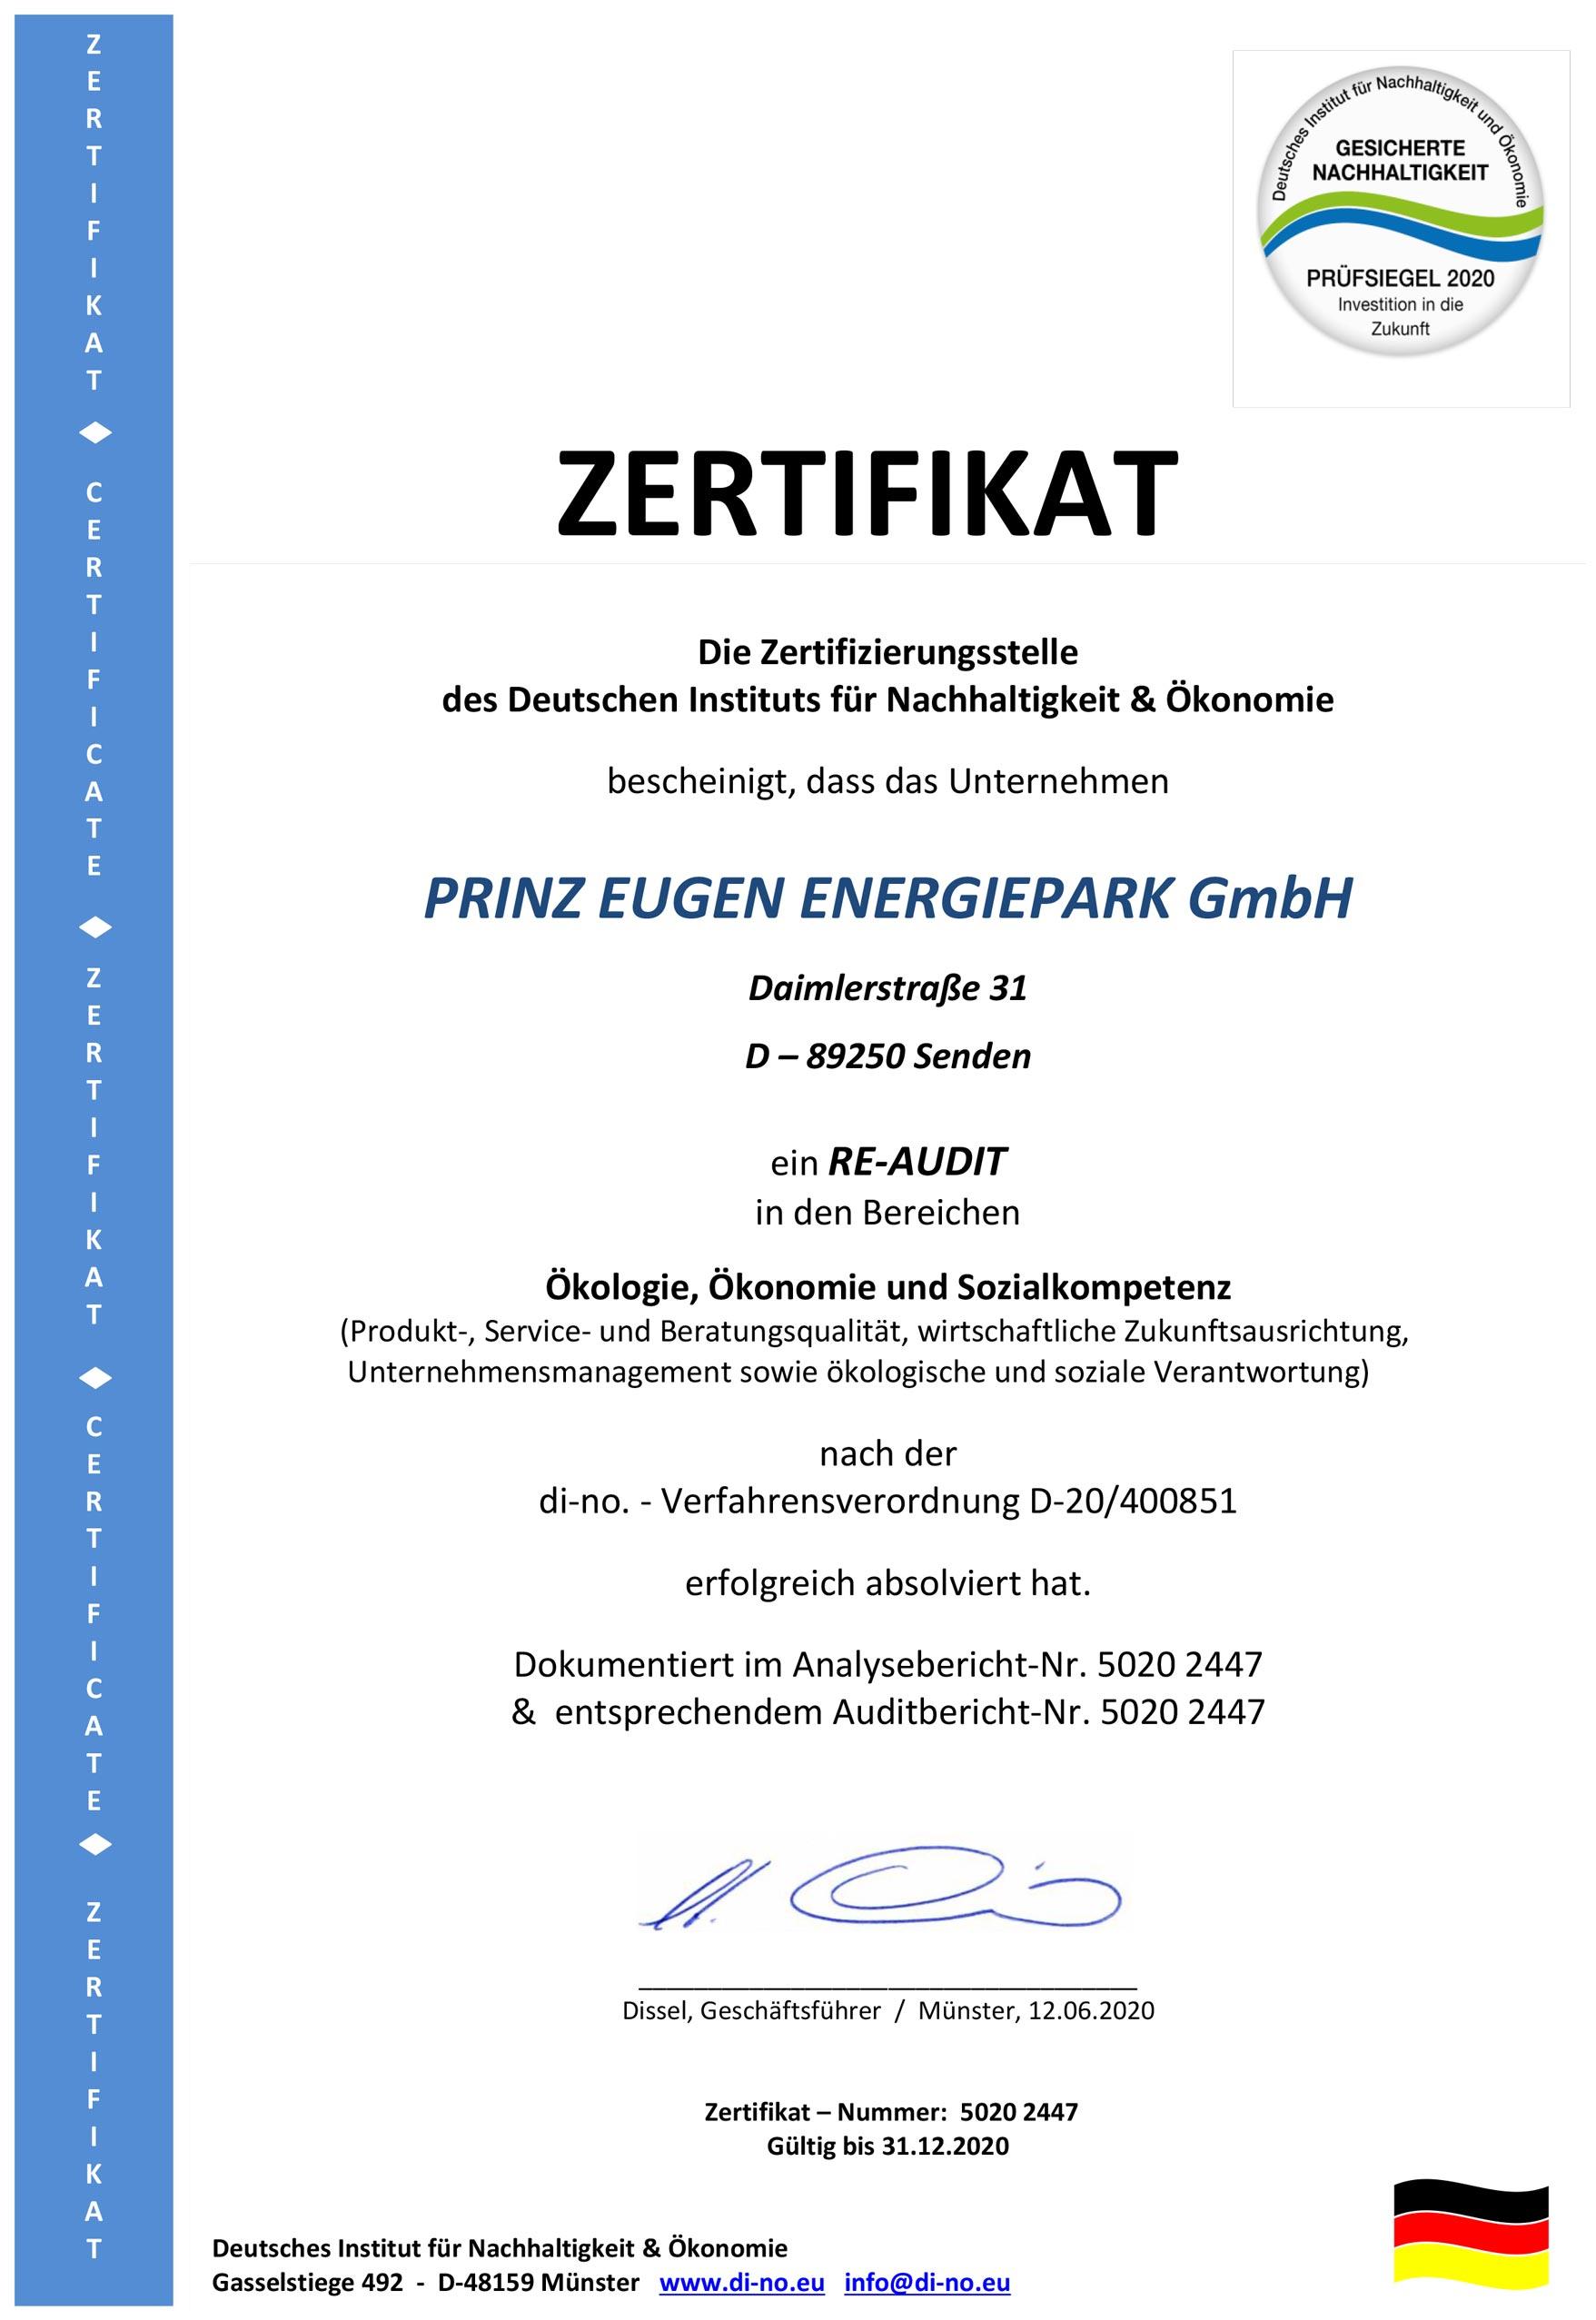 Zertifikat für Ökologie, Ökonomie und Sozialkompetenz für Prinz-Eugen-Energiepark 2020